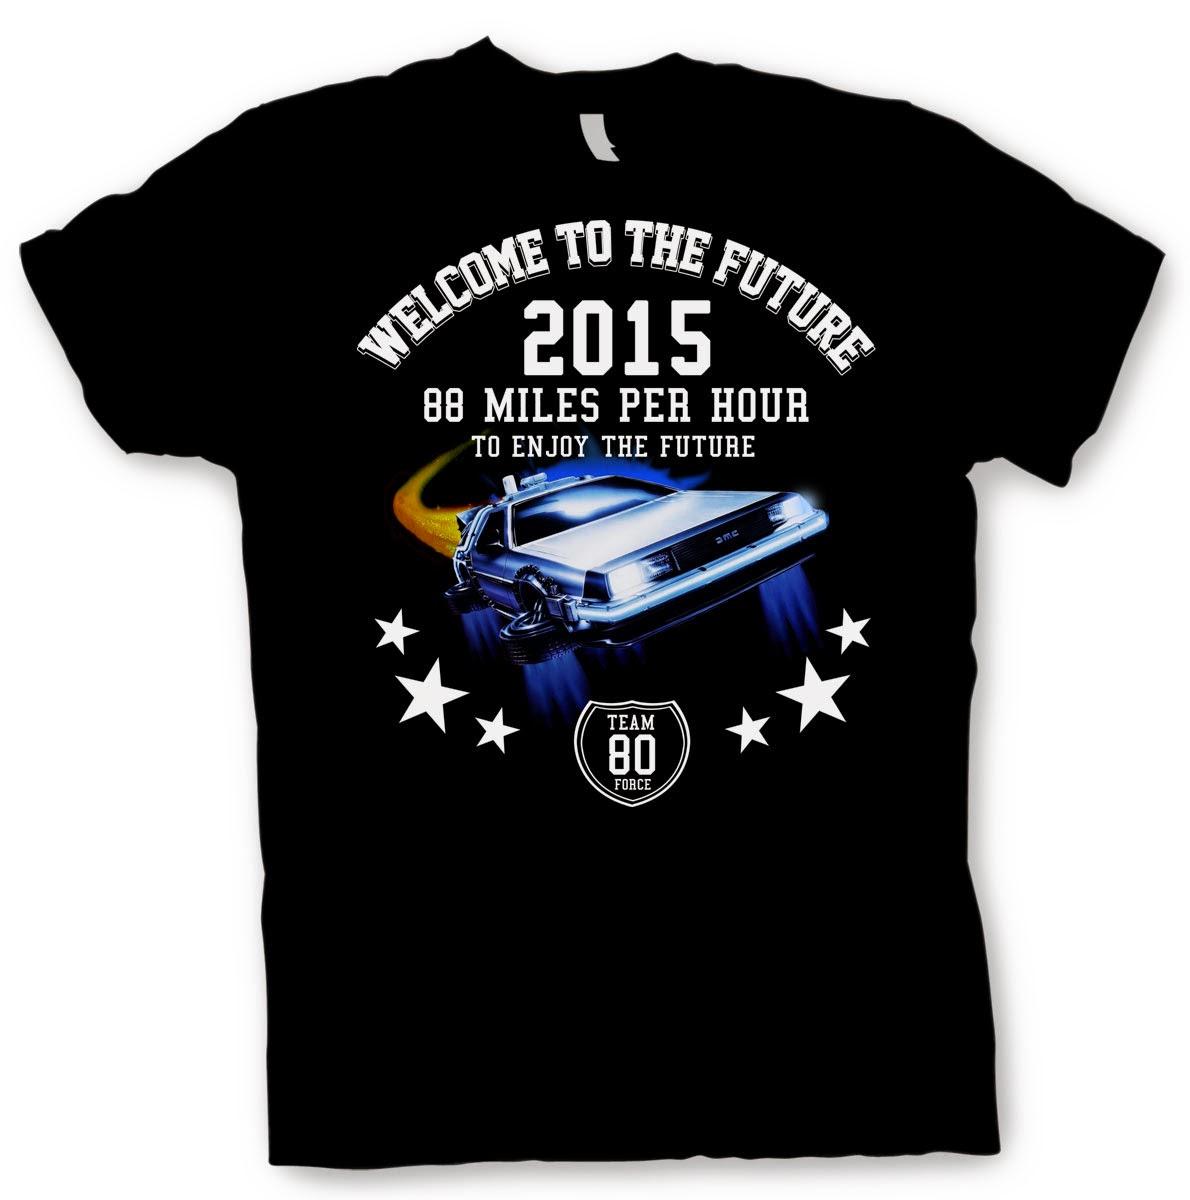 Camiseta Regreso al Futuro 2 2015